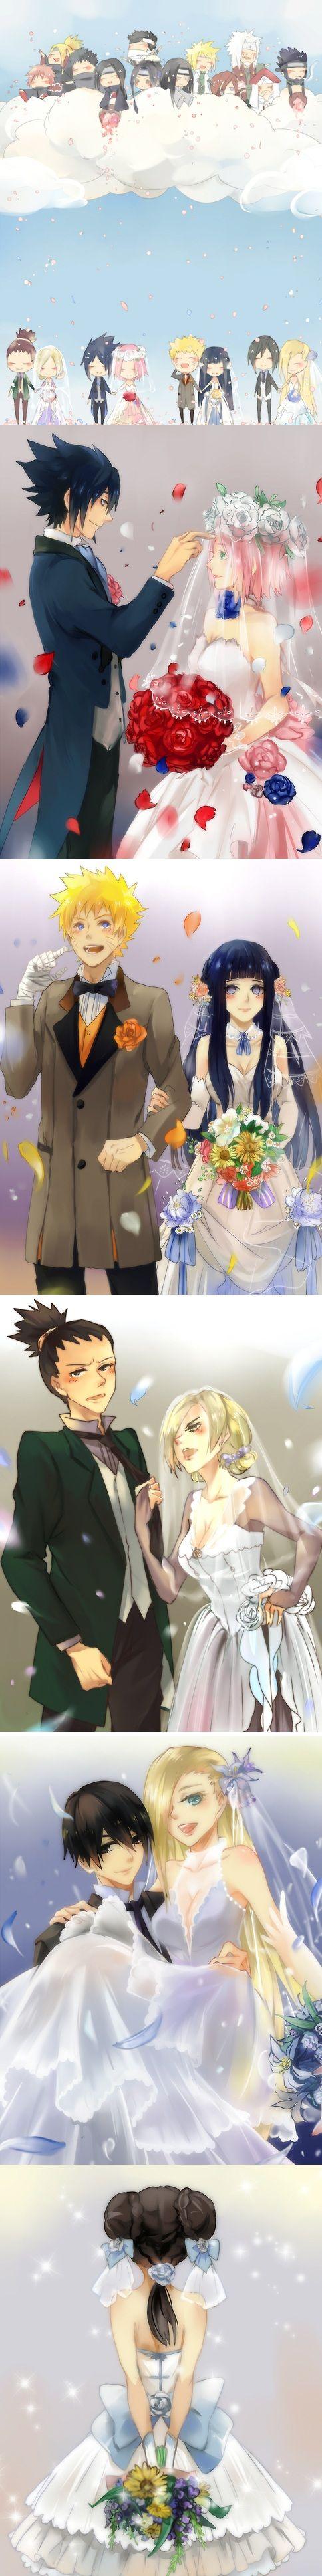 So beautiful ............... Nooooo!!! Tenten!! So sad // Nunca fue mi personaje favorito, pero es tan triste que se quedé sola T,T , todo esta bien en esa imagen, excepto el SasuSaku y la soledad de Ten Ten